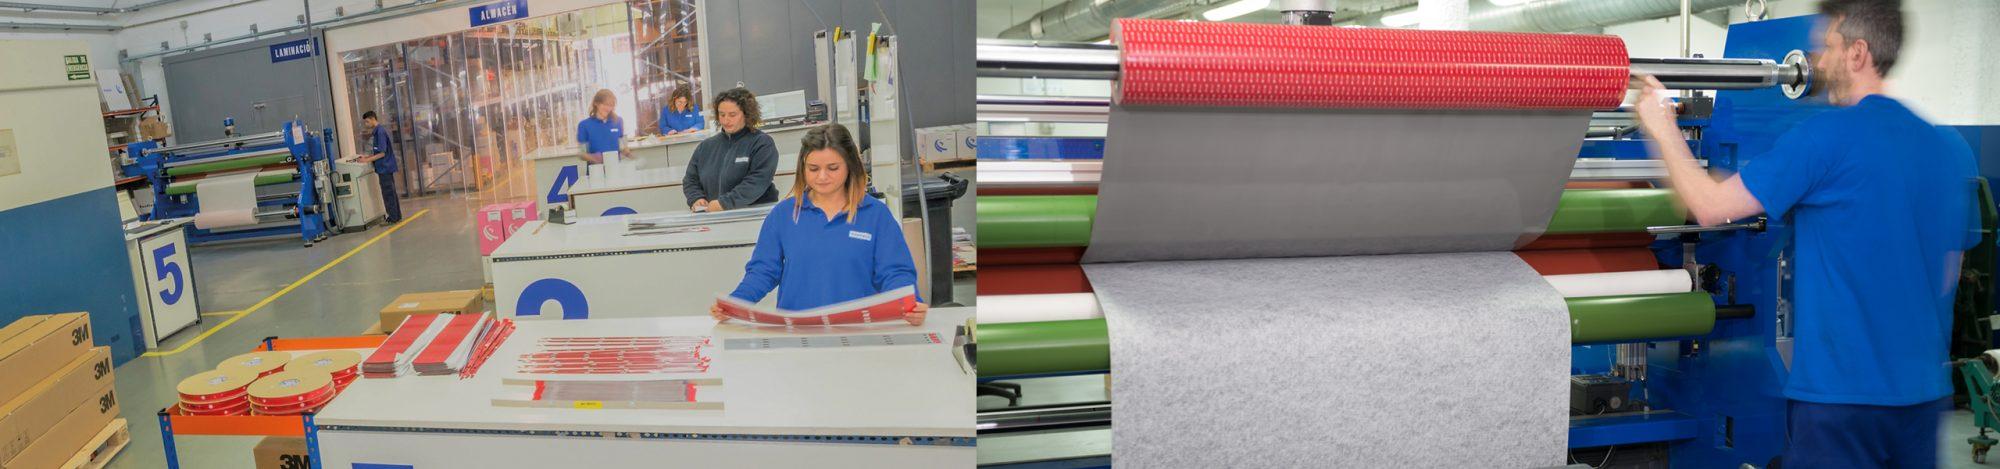 Servicio de manipulación y laminación de cintas adhesivas, etiquetas, troquelados y adhesivos líquidos 3M